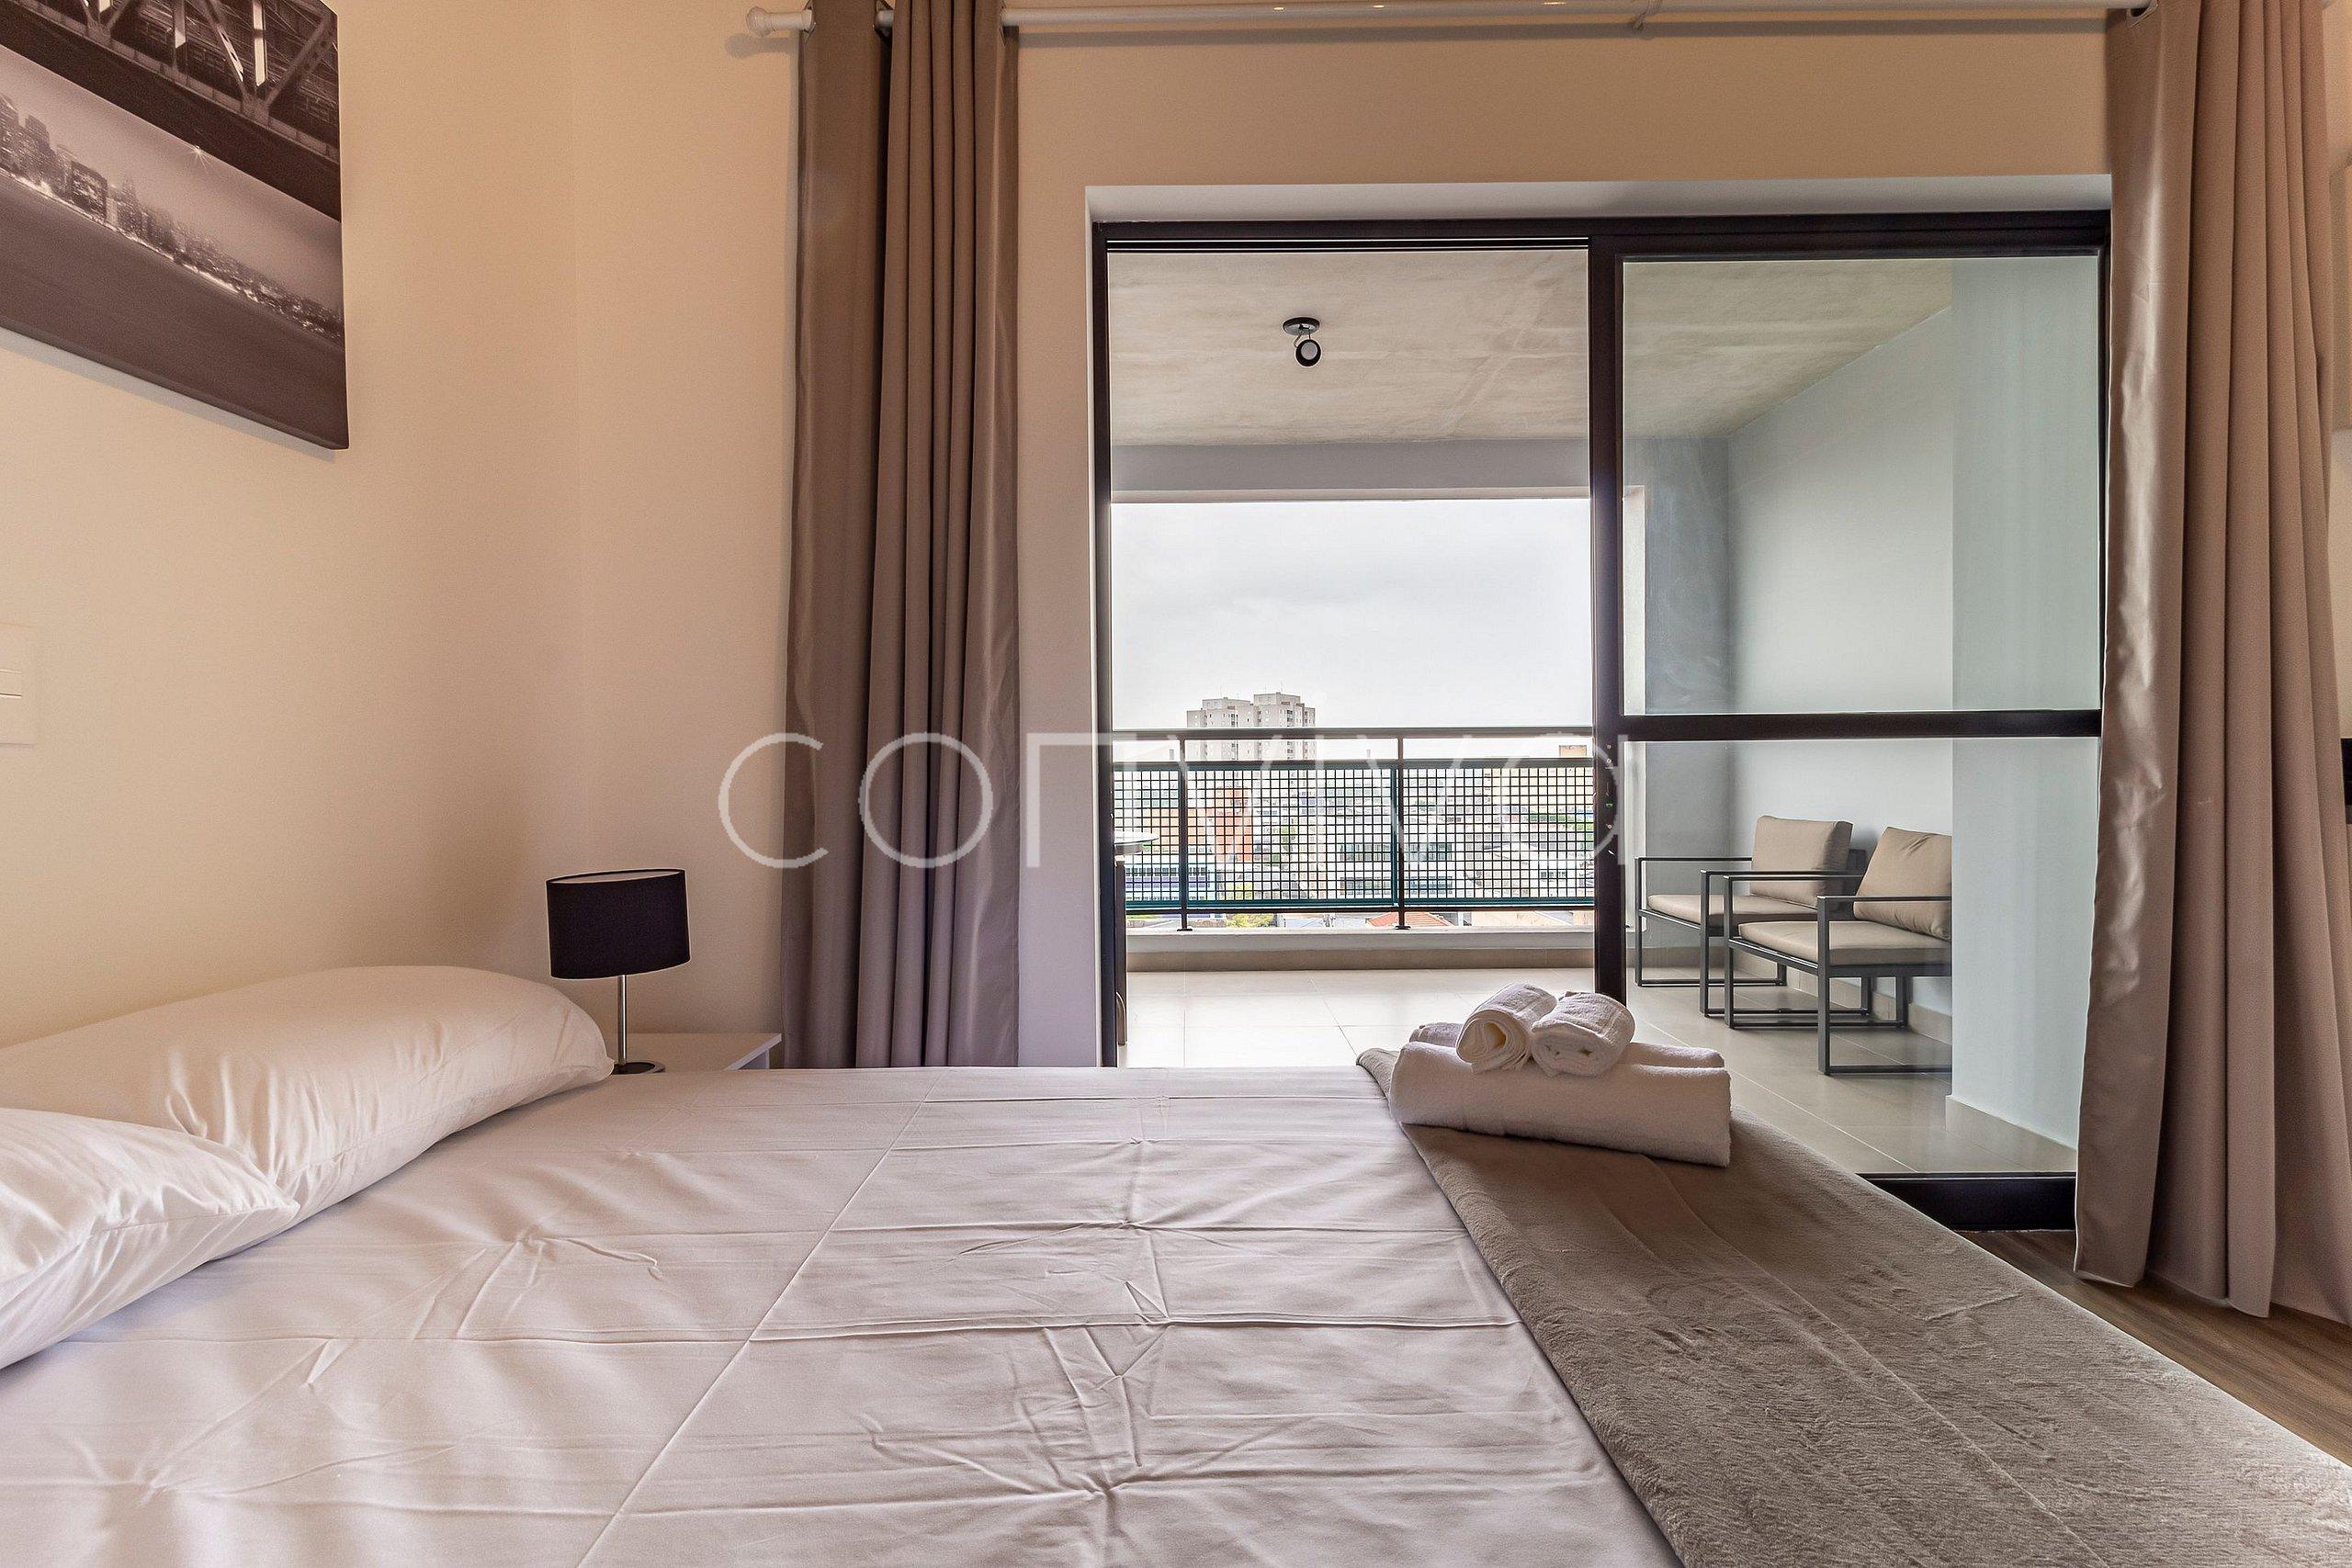 Vnbr810 Minimalist Apartment In Bom Retiro